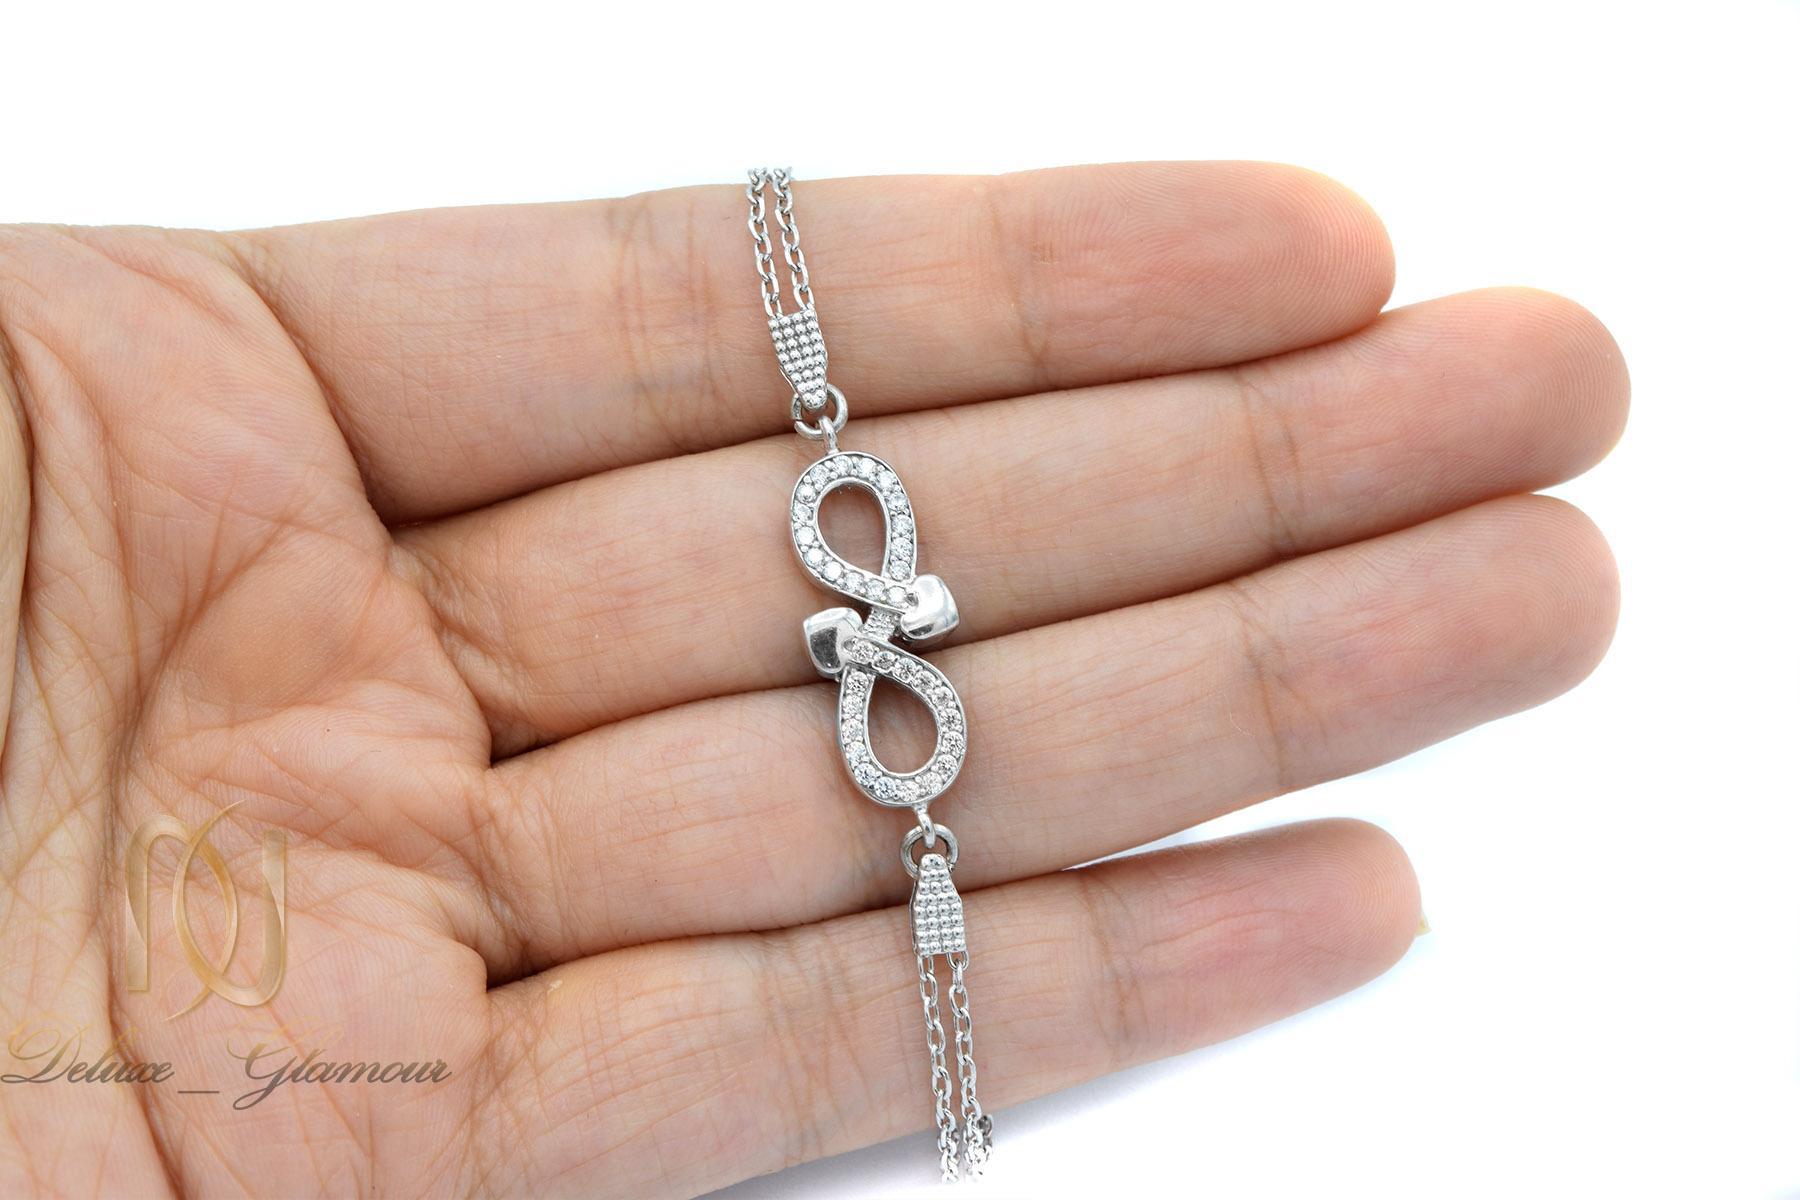 دستبند نقره دخترانه ظریف طرح بینهایت ds-n417 از نمای روی دست